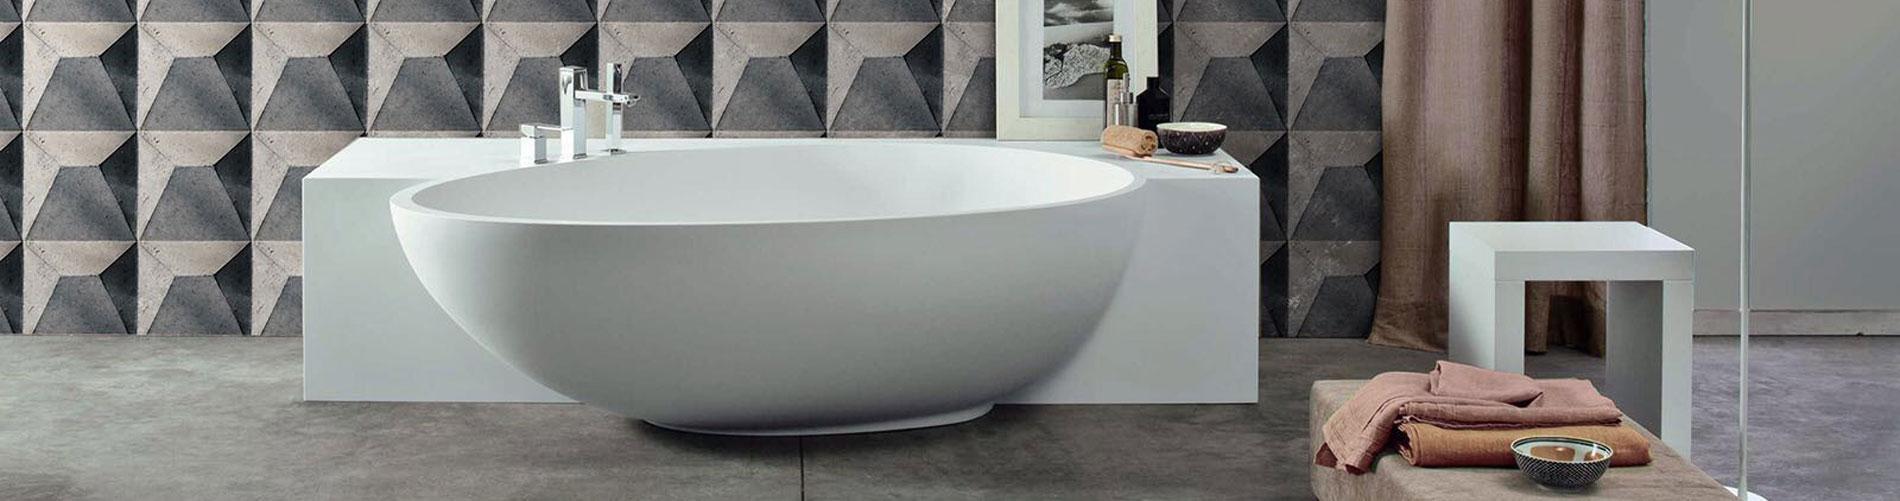 d9629267c3d3 Ispirazioni dell'arredo bagno, mobili di tendenza e design ...